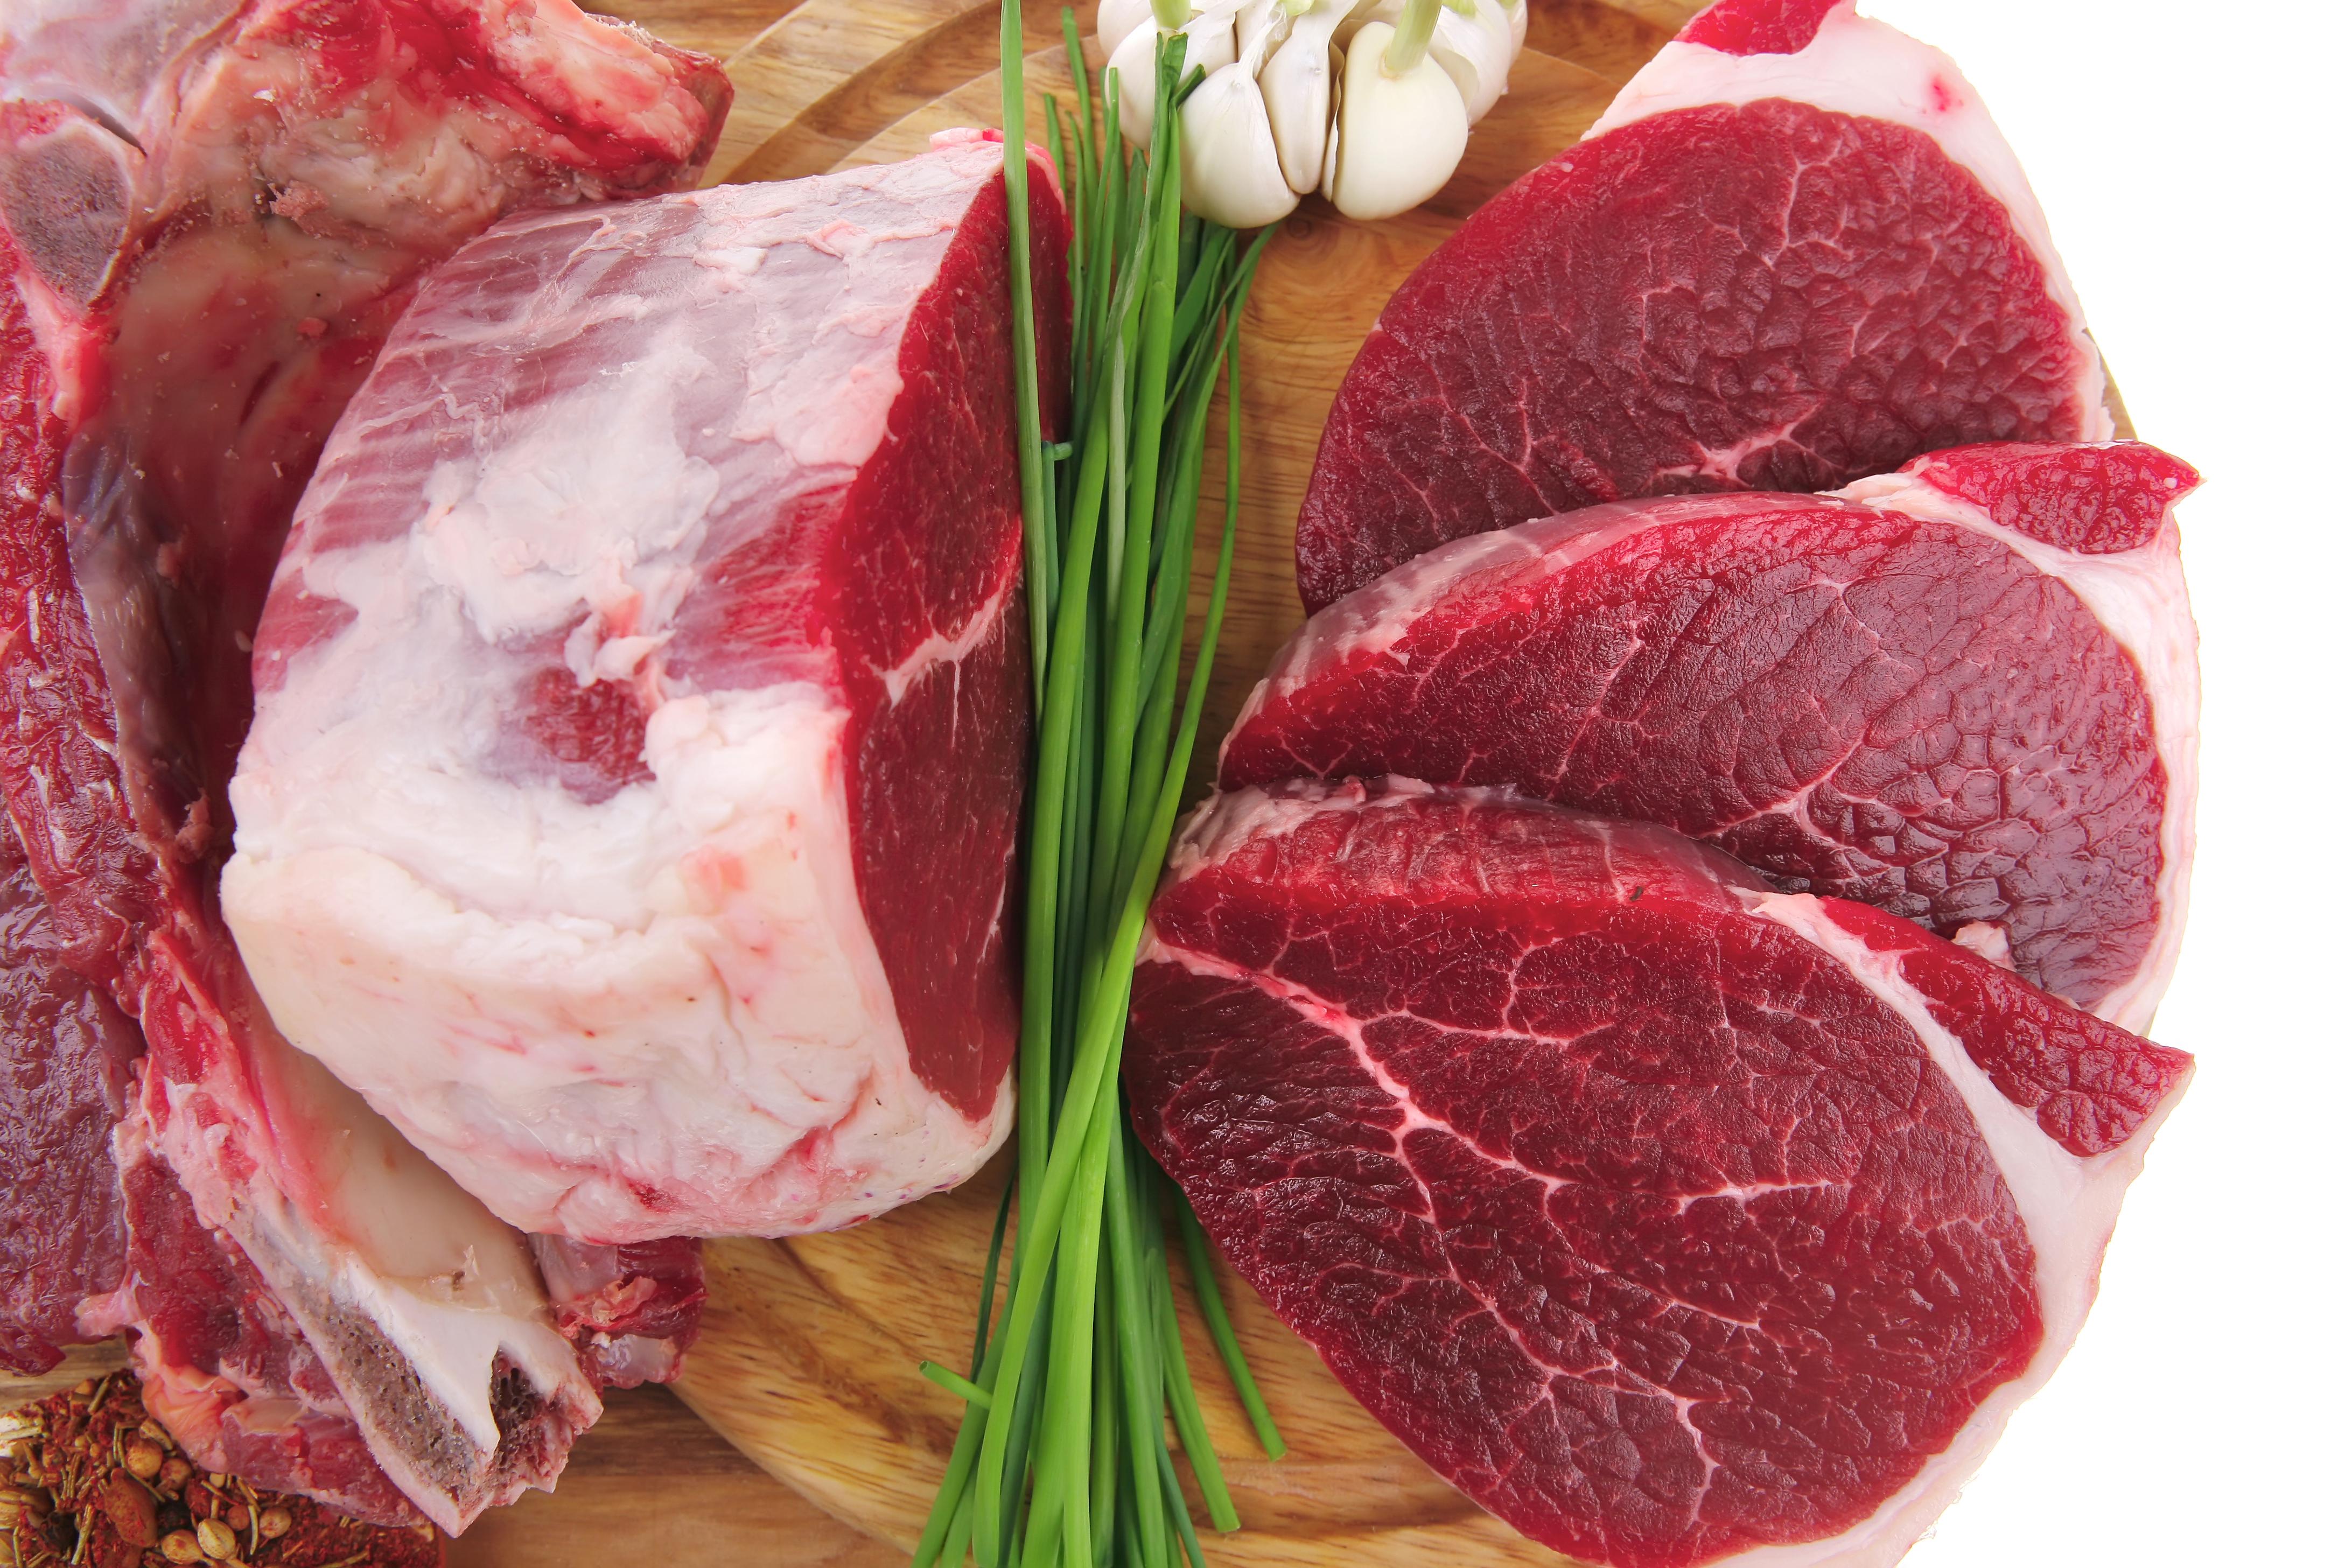 Kiến thức về các phần cắt của Bò Úc - Bò Mỹ